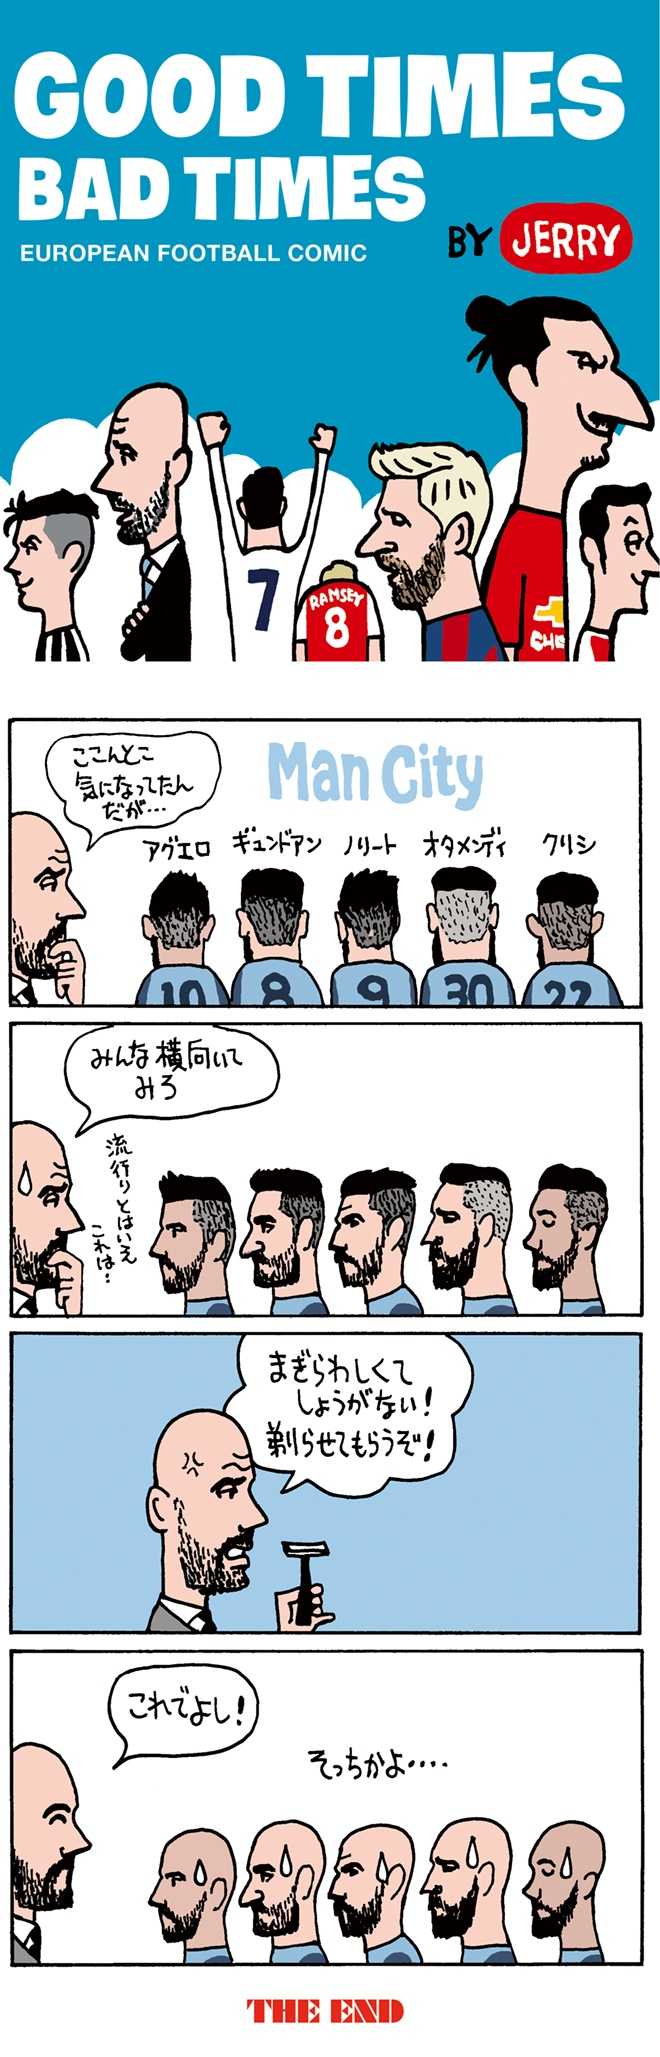 サッカー選手の流行の髪型とヒゲのスタイル